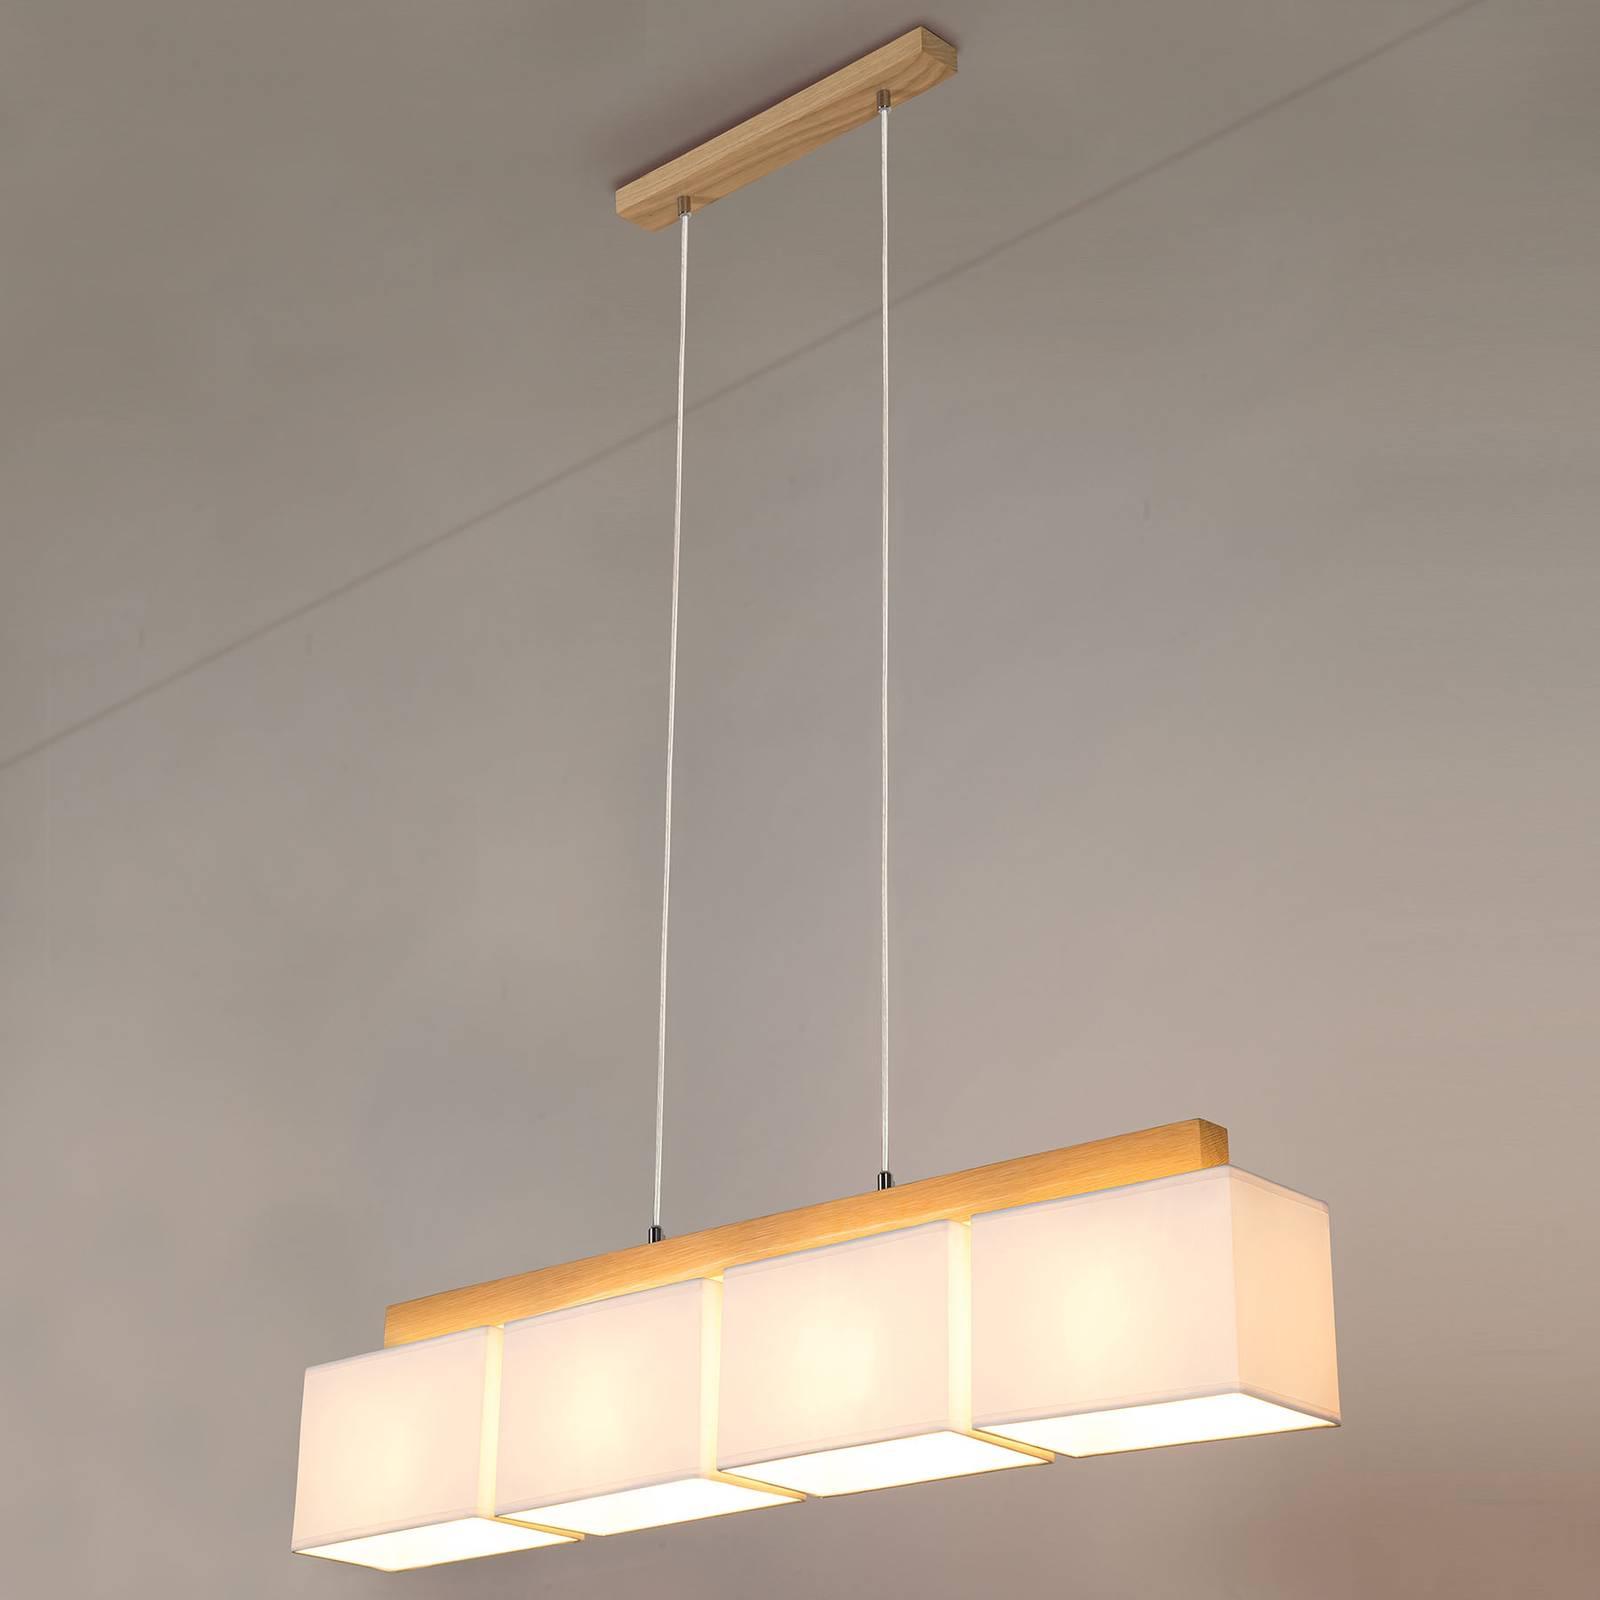 Hanglamp Cassy met vier witte textielkappen